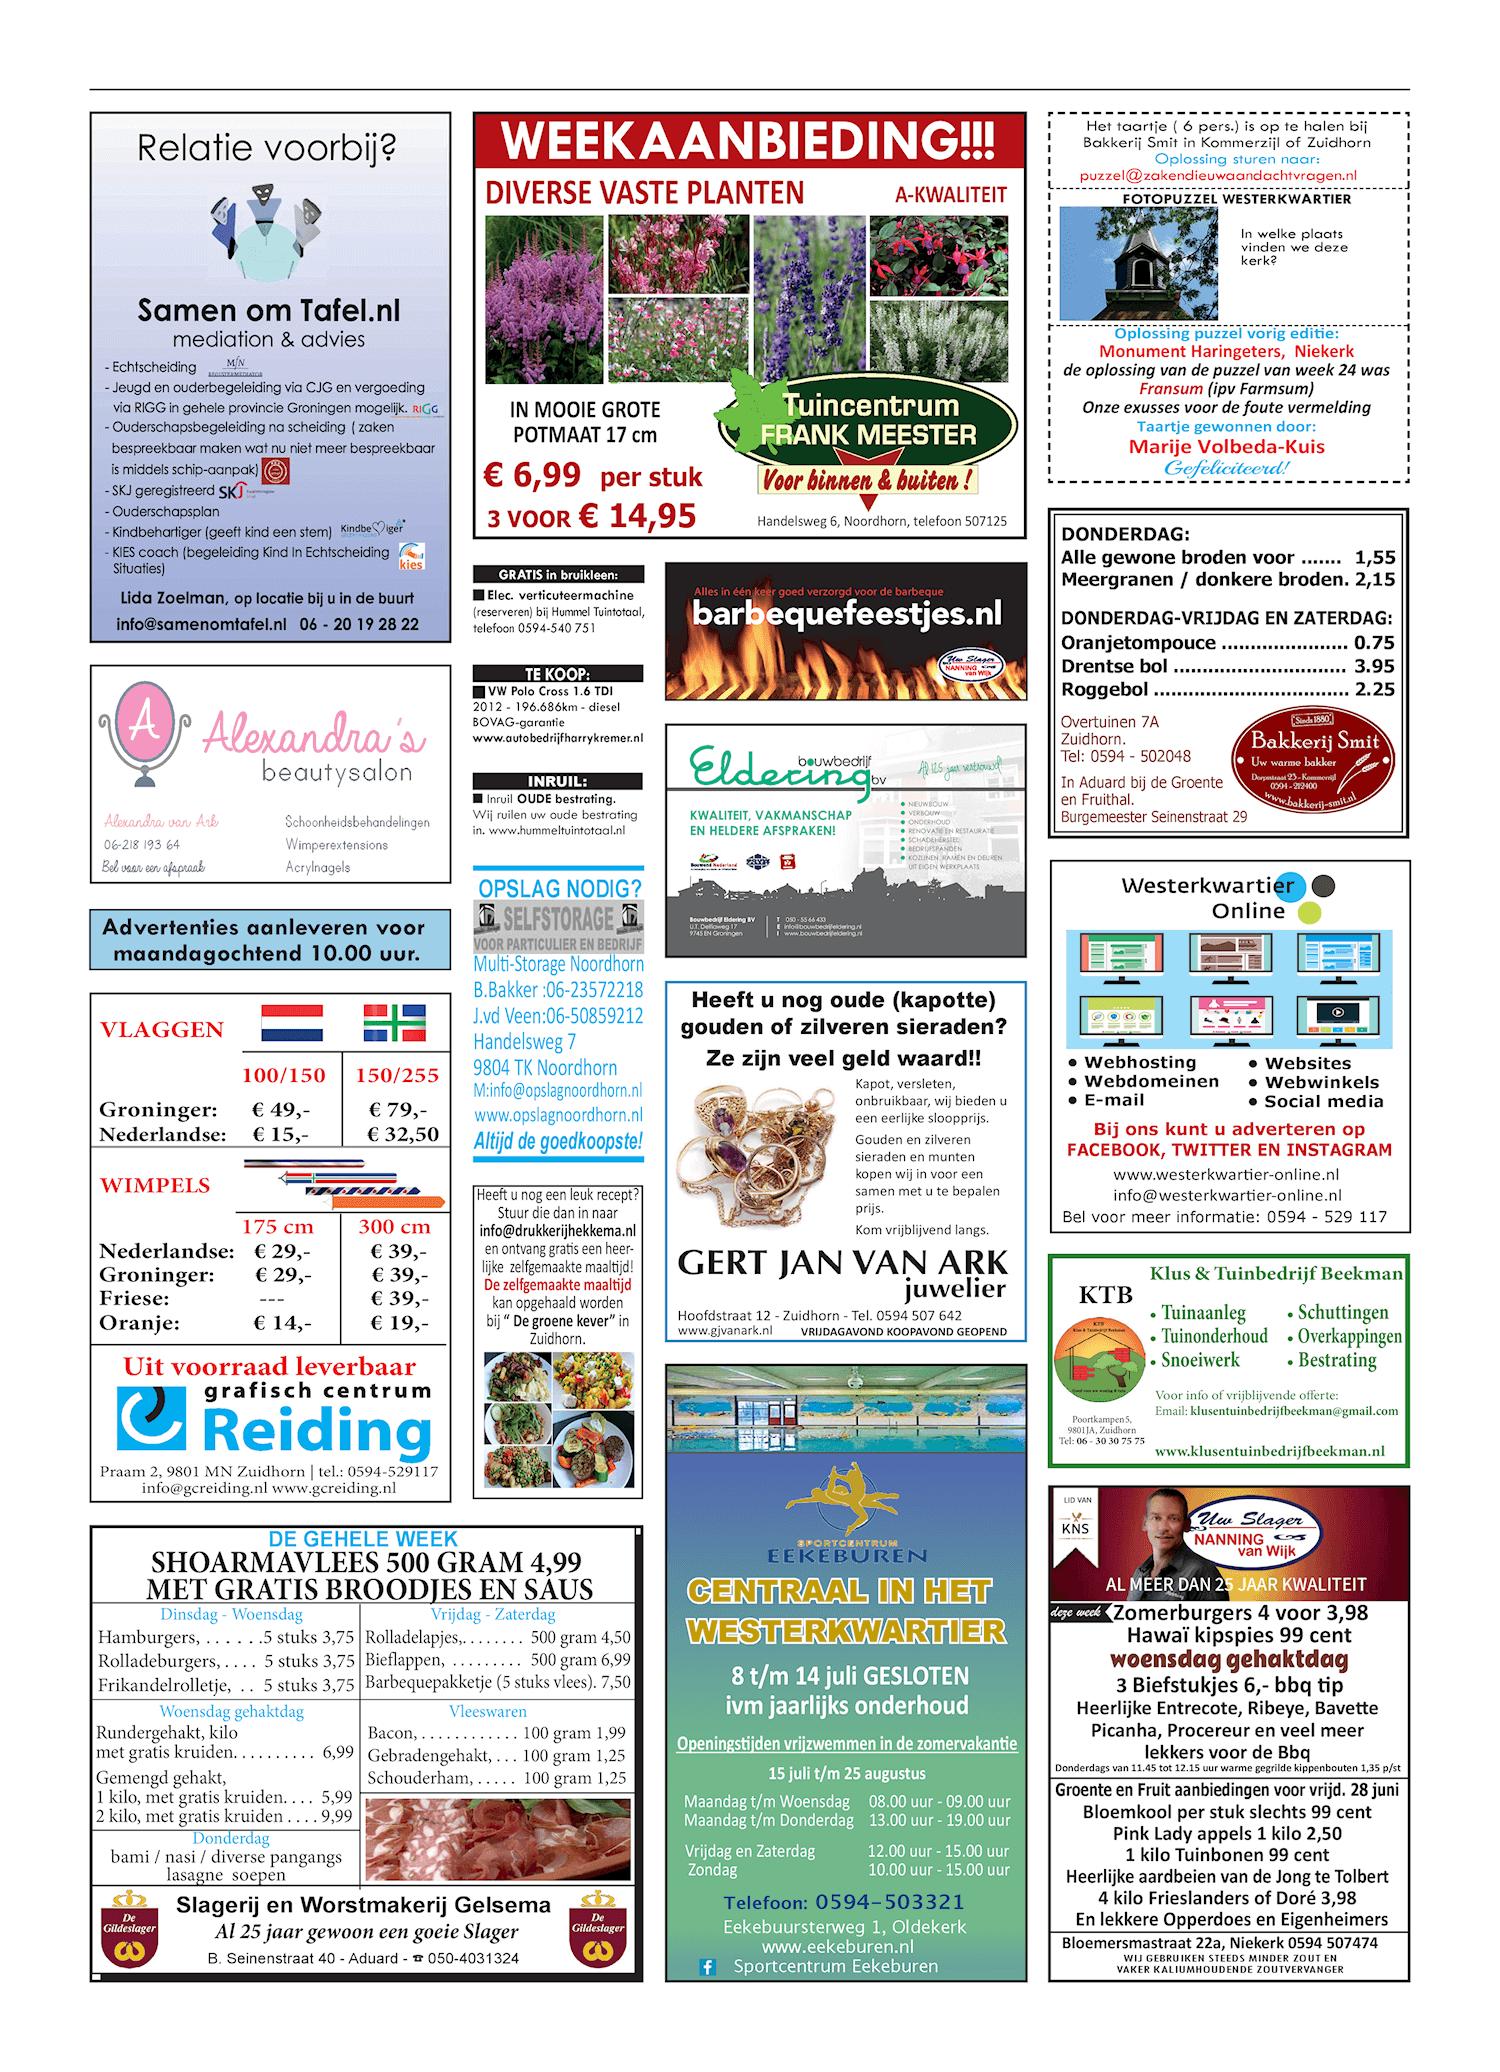 Drukkerij Hekkema - Zuidhorn - Zaken die uw aandacht vragen 2019 week 26